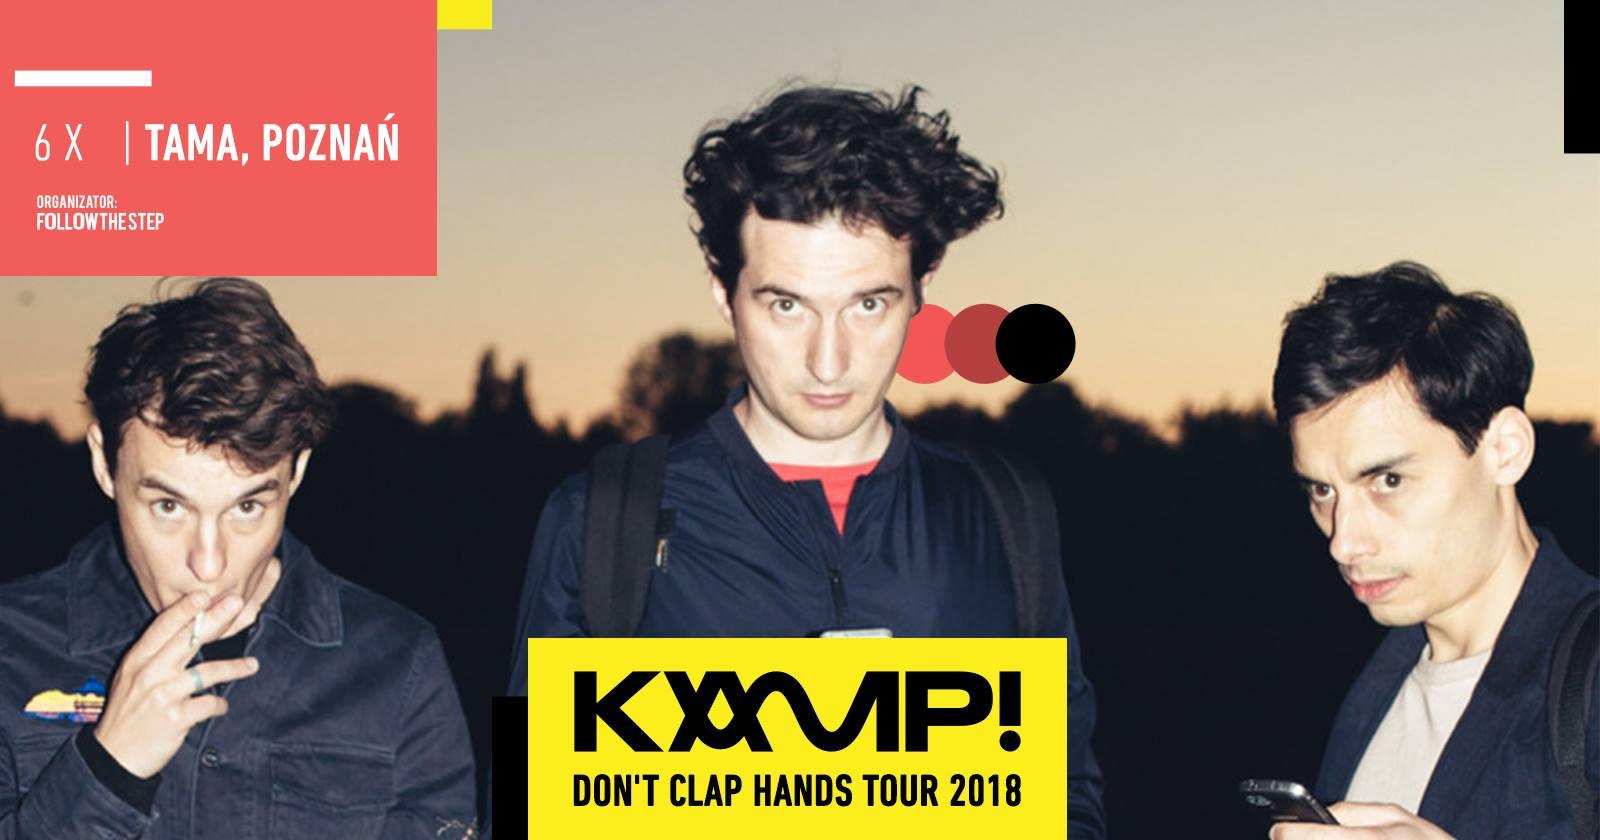 KAMP! – Don't Clap Hands